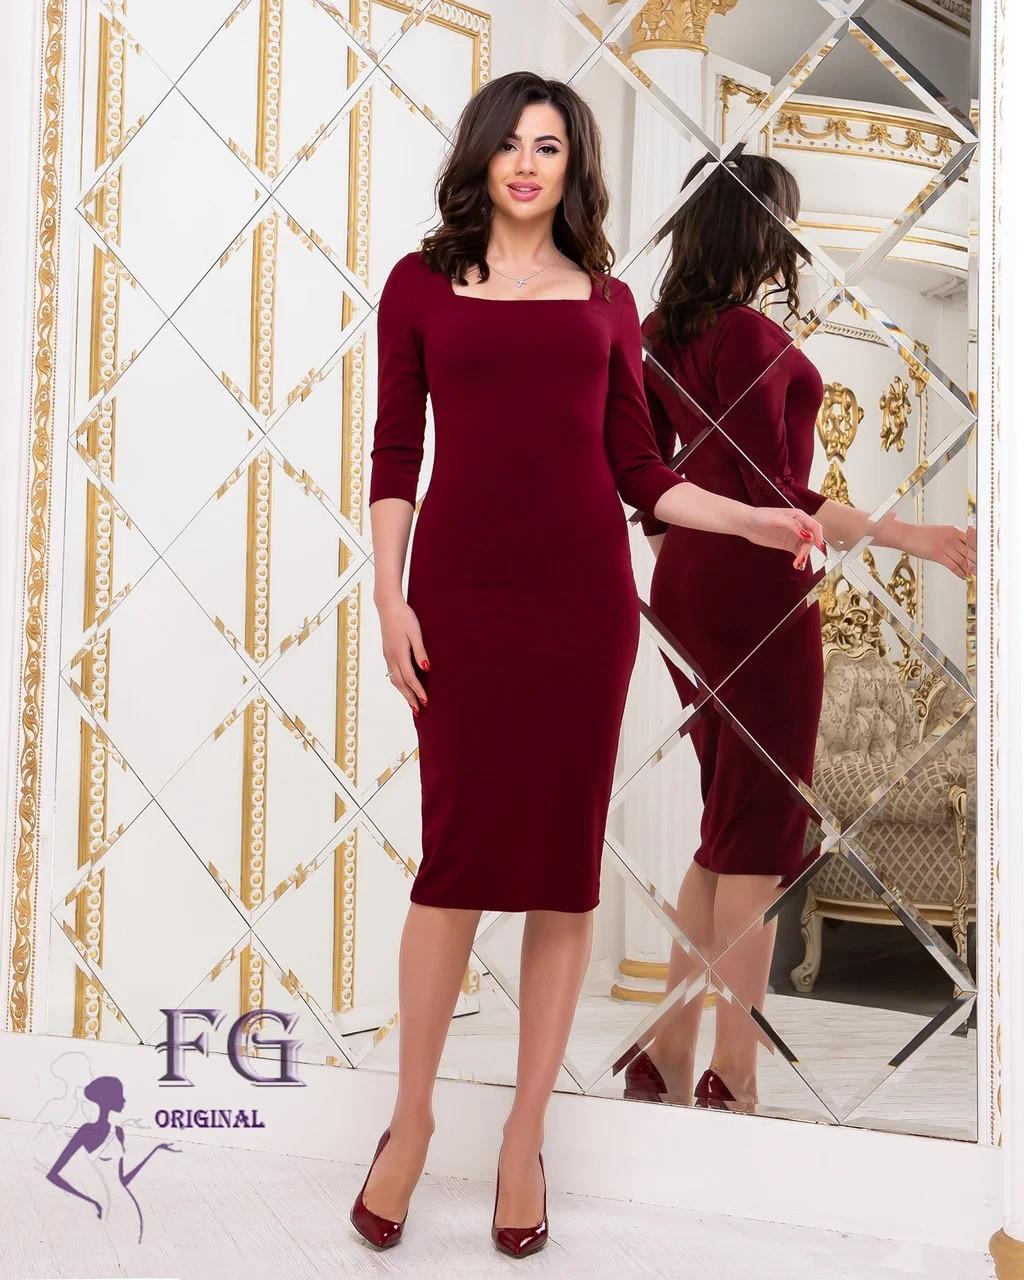 Демисезонное платье до колен по фигуре с квадратным декольте марсала